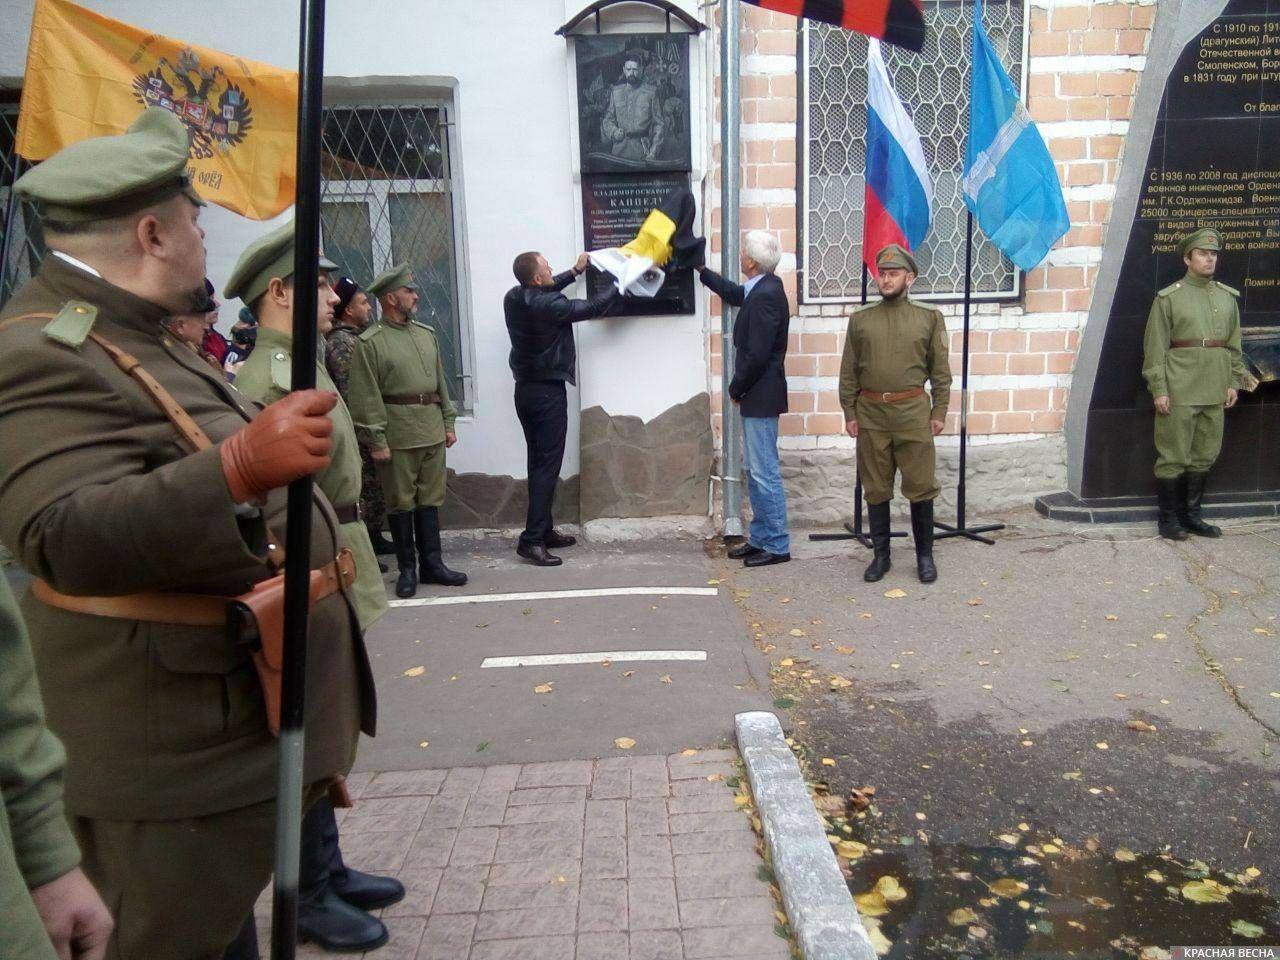 20180928_21-28-Житель Ульяновска- табличка Каппелю — это позор для нашего города-pic1